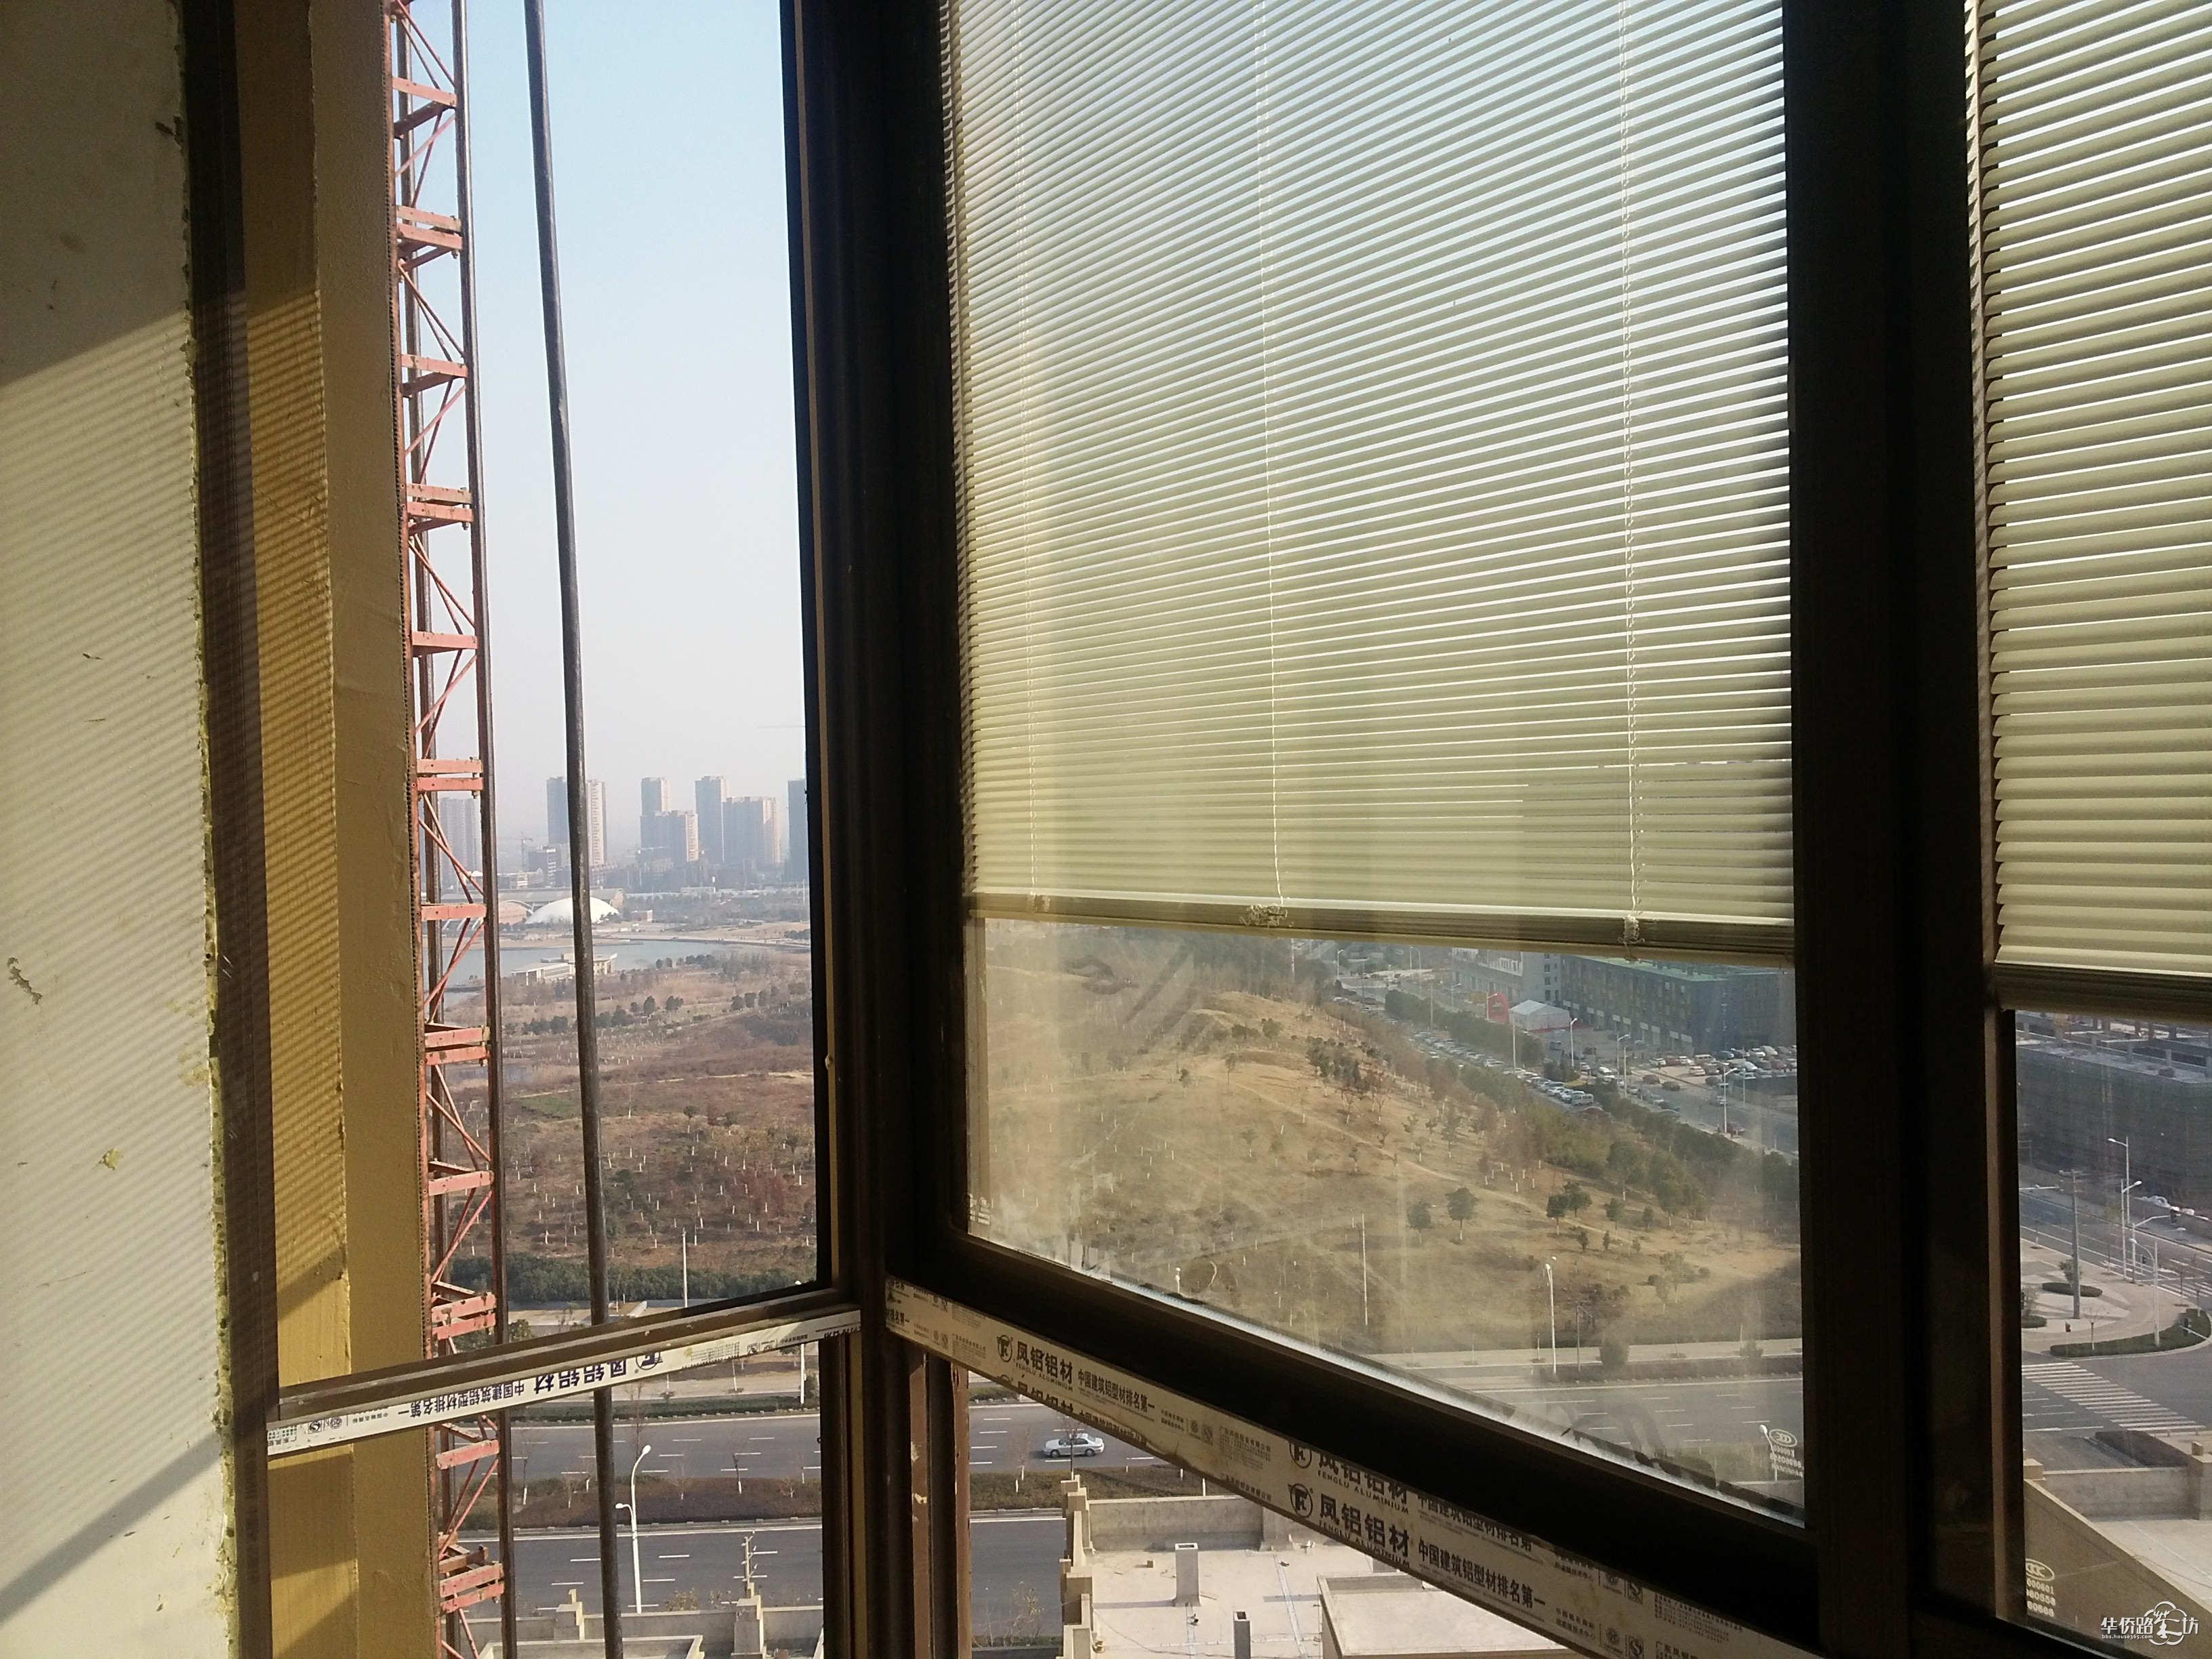 阳台上的洗衣机接口已经安装好了  卧室阳台上的百叶窗是安装在双层玻璃里面的,怎么调整呢? 再看看百叶窗 站在客厅阳台上看到的莲花湖,想想到了春天那满眼的绿色,养眼啊,嘿嘿! 站在阳台上往前看看,看到的是什么? 1706的阳台似乎到了下午5点就挡住了我家阳台冬日的阳光了   站在付卧室的窗前能看到水泥厂,不过,等二期盖好,估计就只能看2期了 副卧室看到的8号楼 副卧室看到的4号楼 房间内部 这个就是传说中赠送的可以改成书房的阳台,量了下尺寸,宽度2700mm,改造成一个书房兼客卧完全足够,嘿嘿! 主卧室